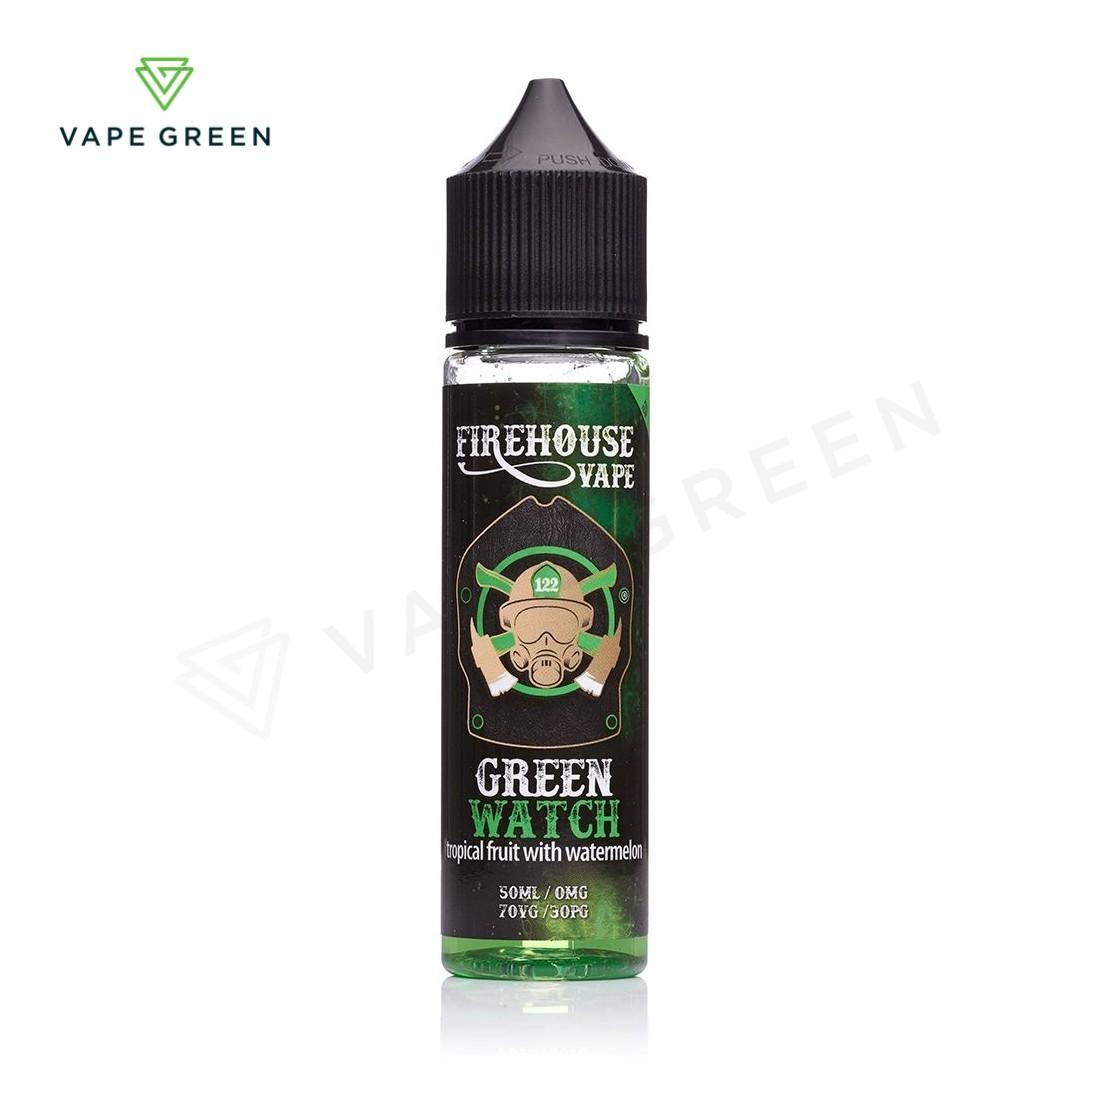 Green Watch E-Liquid by Firehouse Vape 50ml